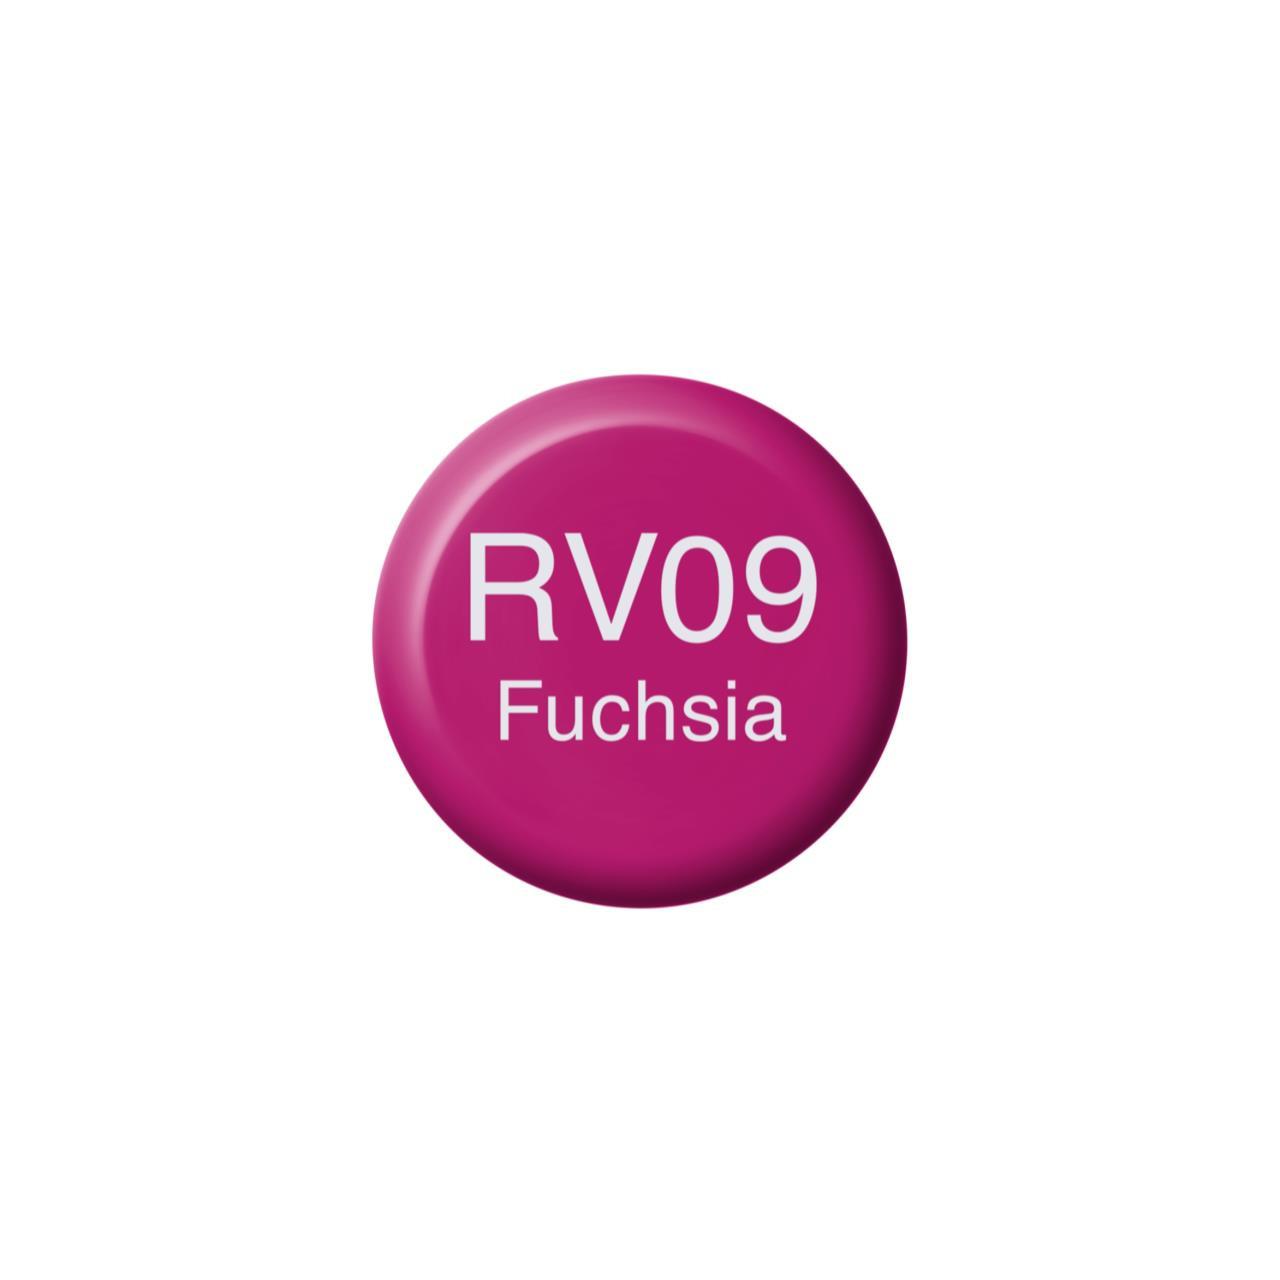 RV09 Fuchsia, Copic Ink - 4511338057728